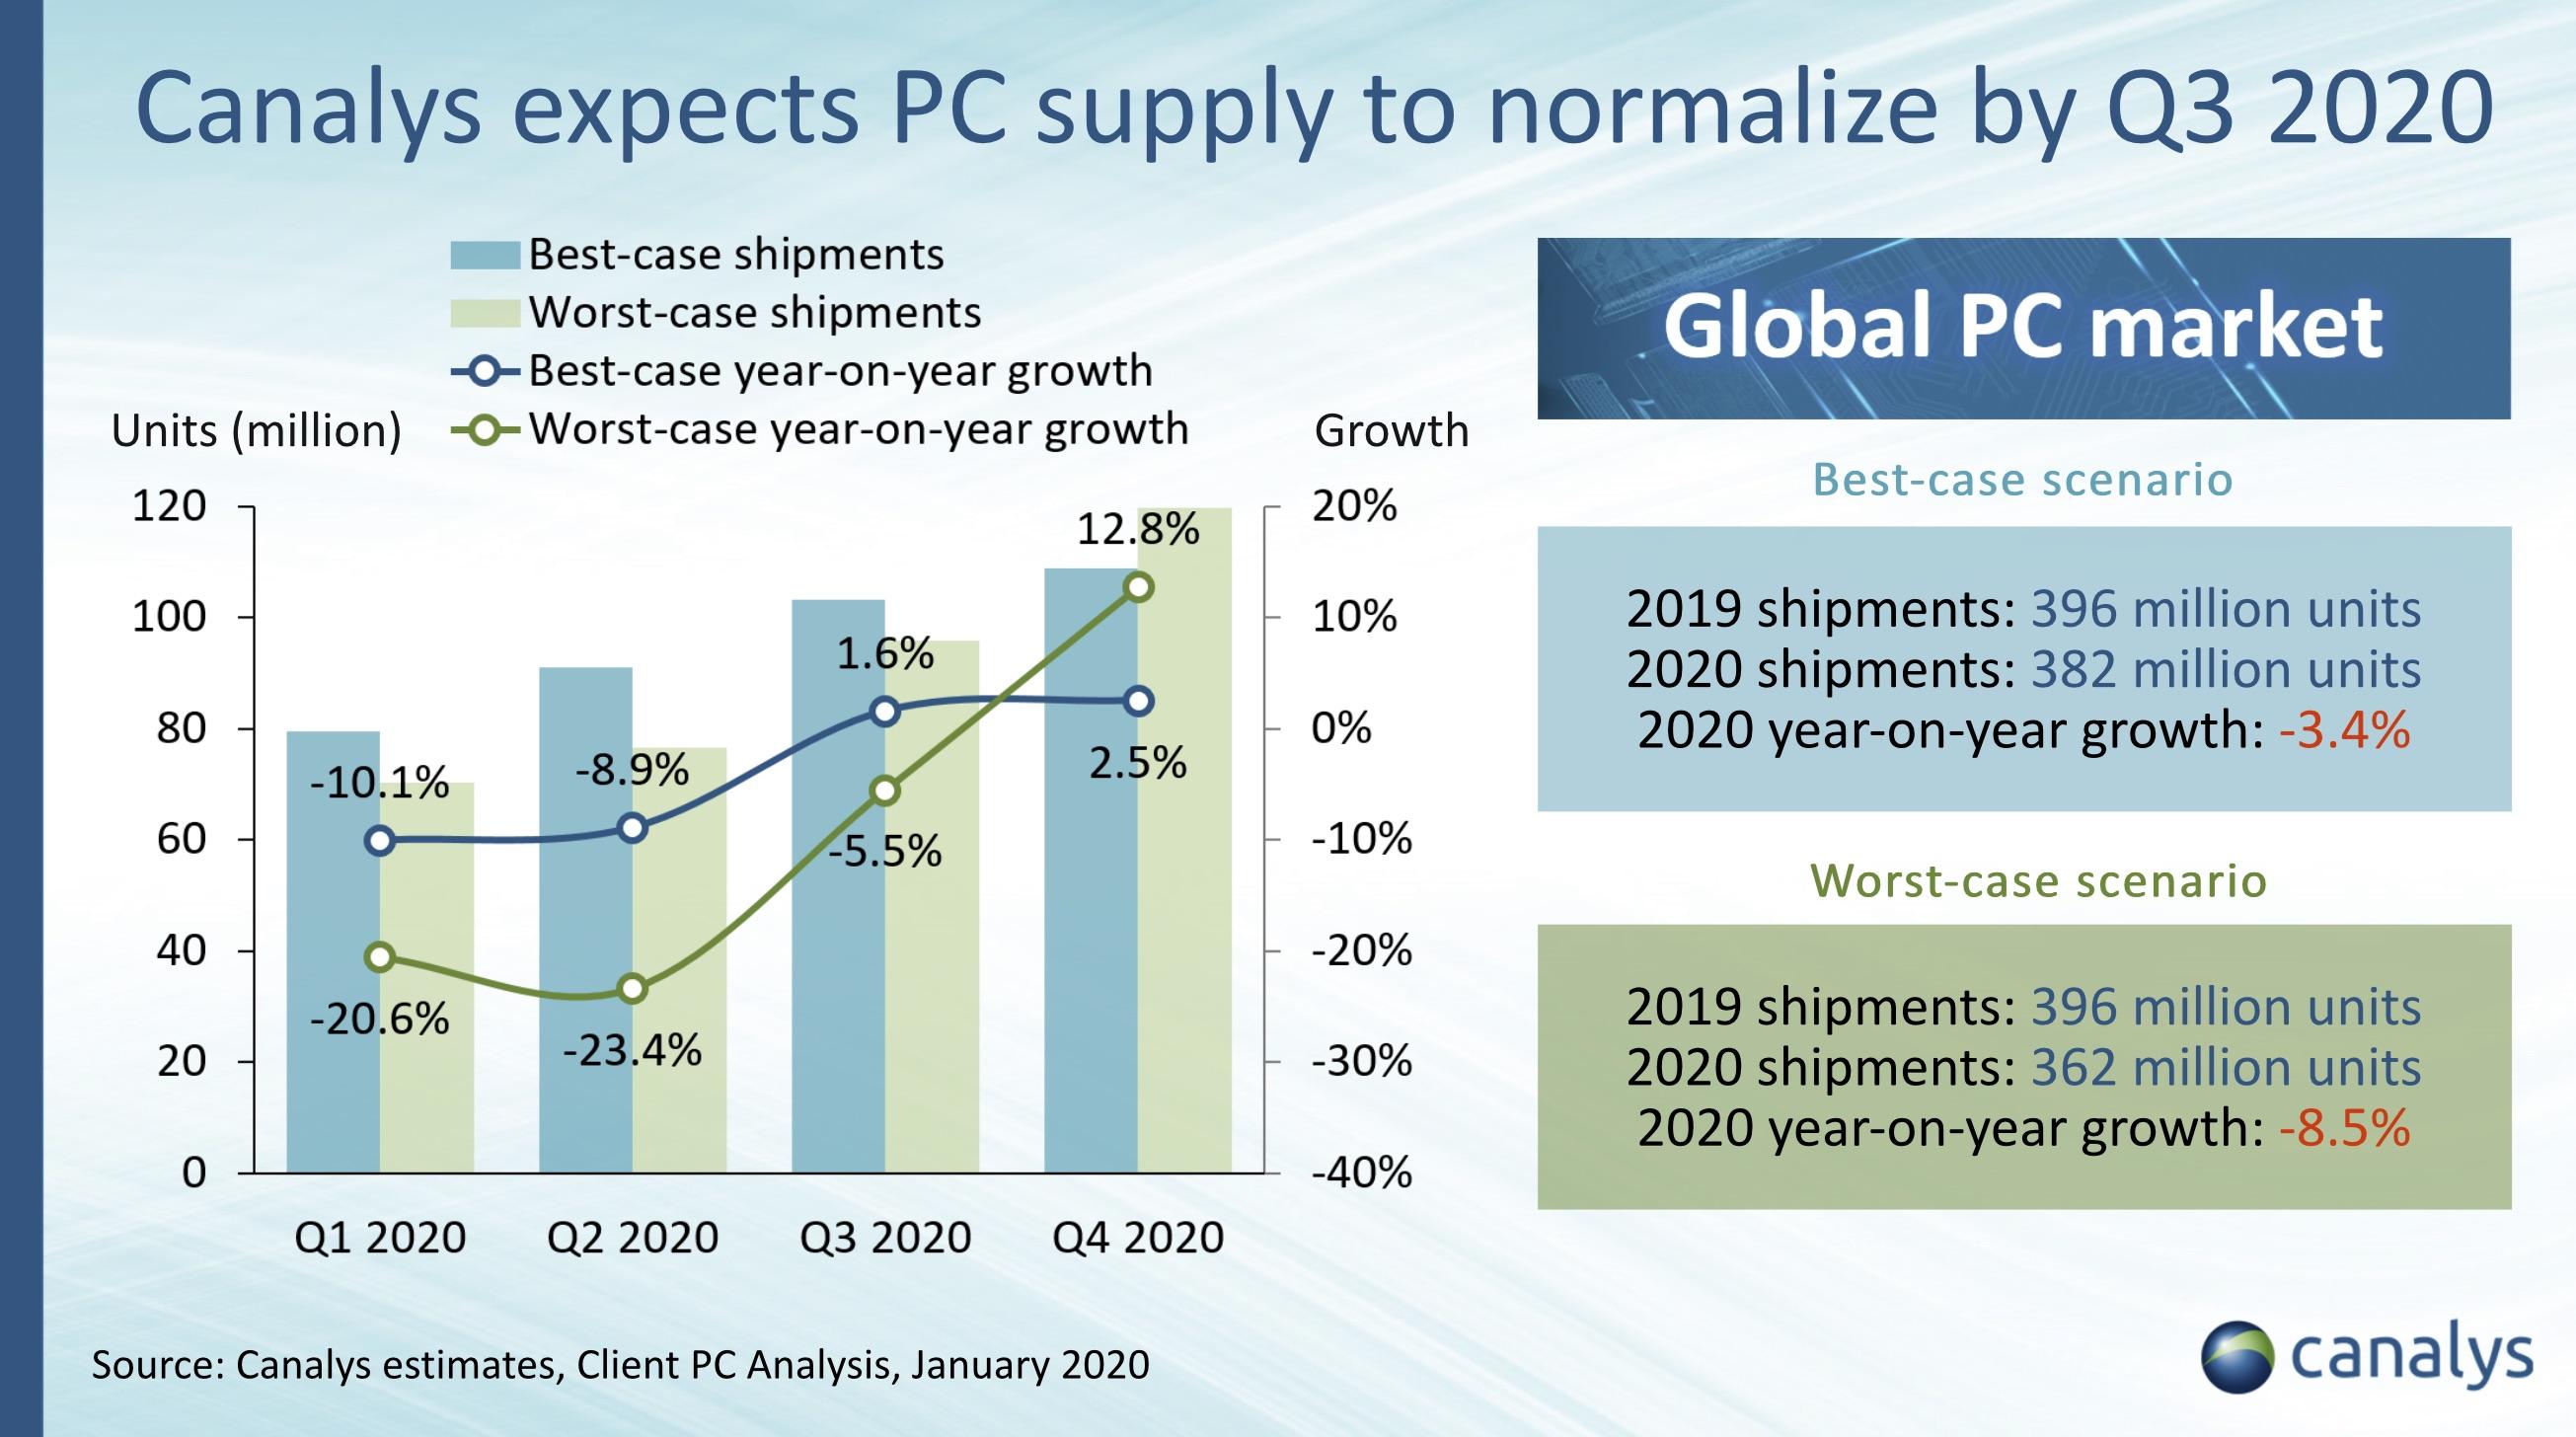 Se espera que los envíos de PC disminuyan este año debido al brote de coronavirus - TechCrunch 2